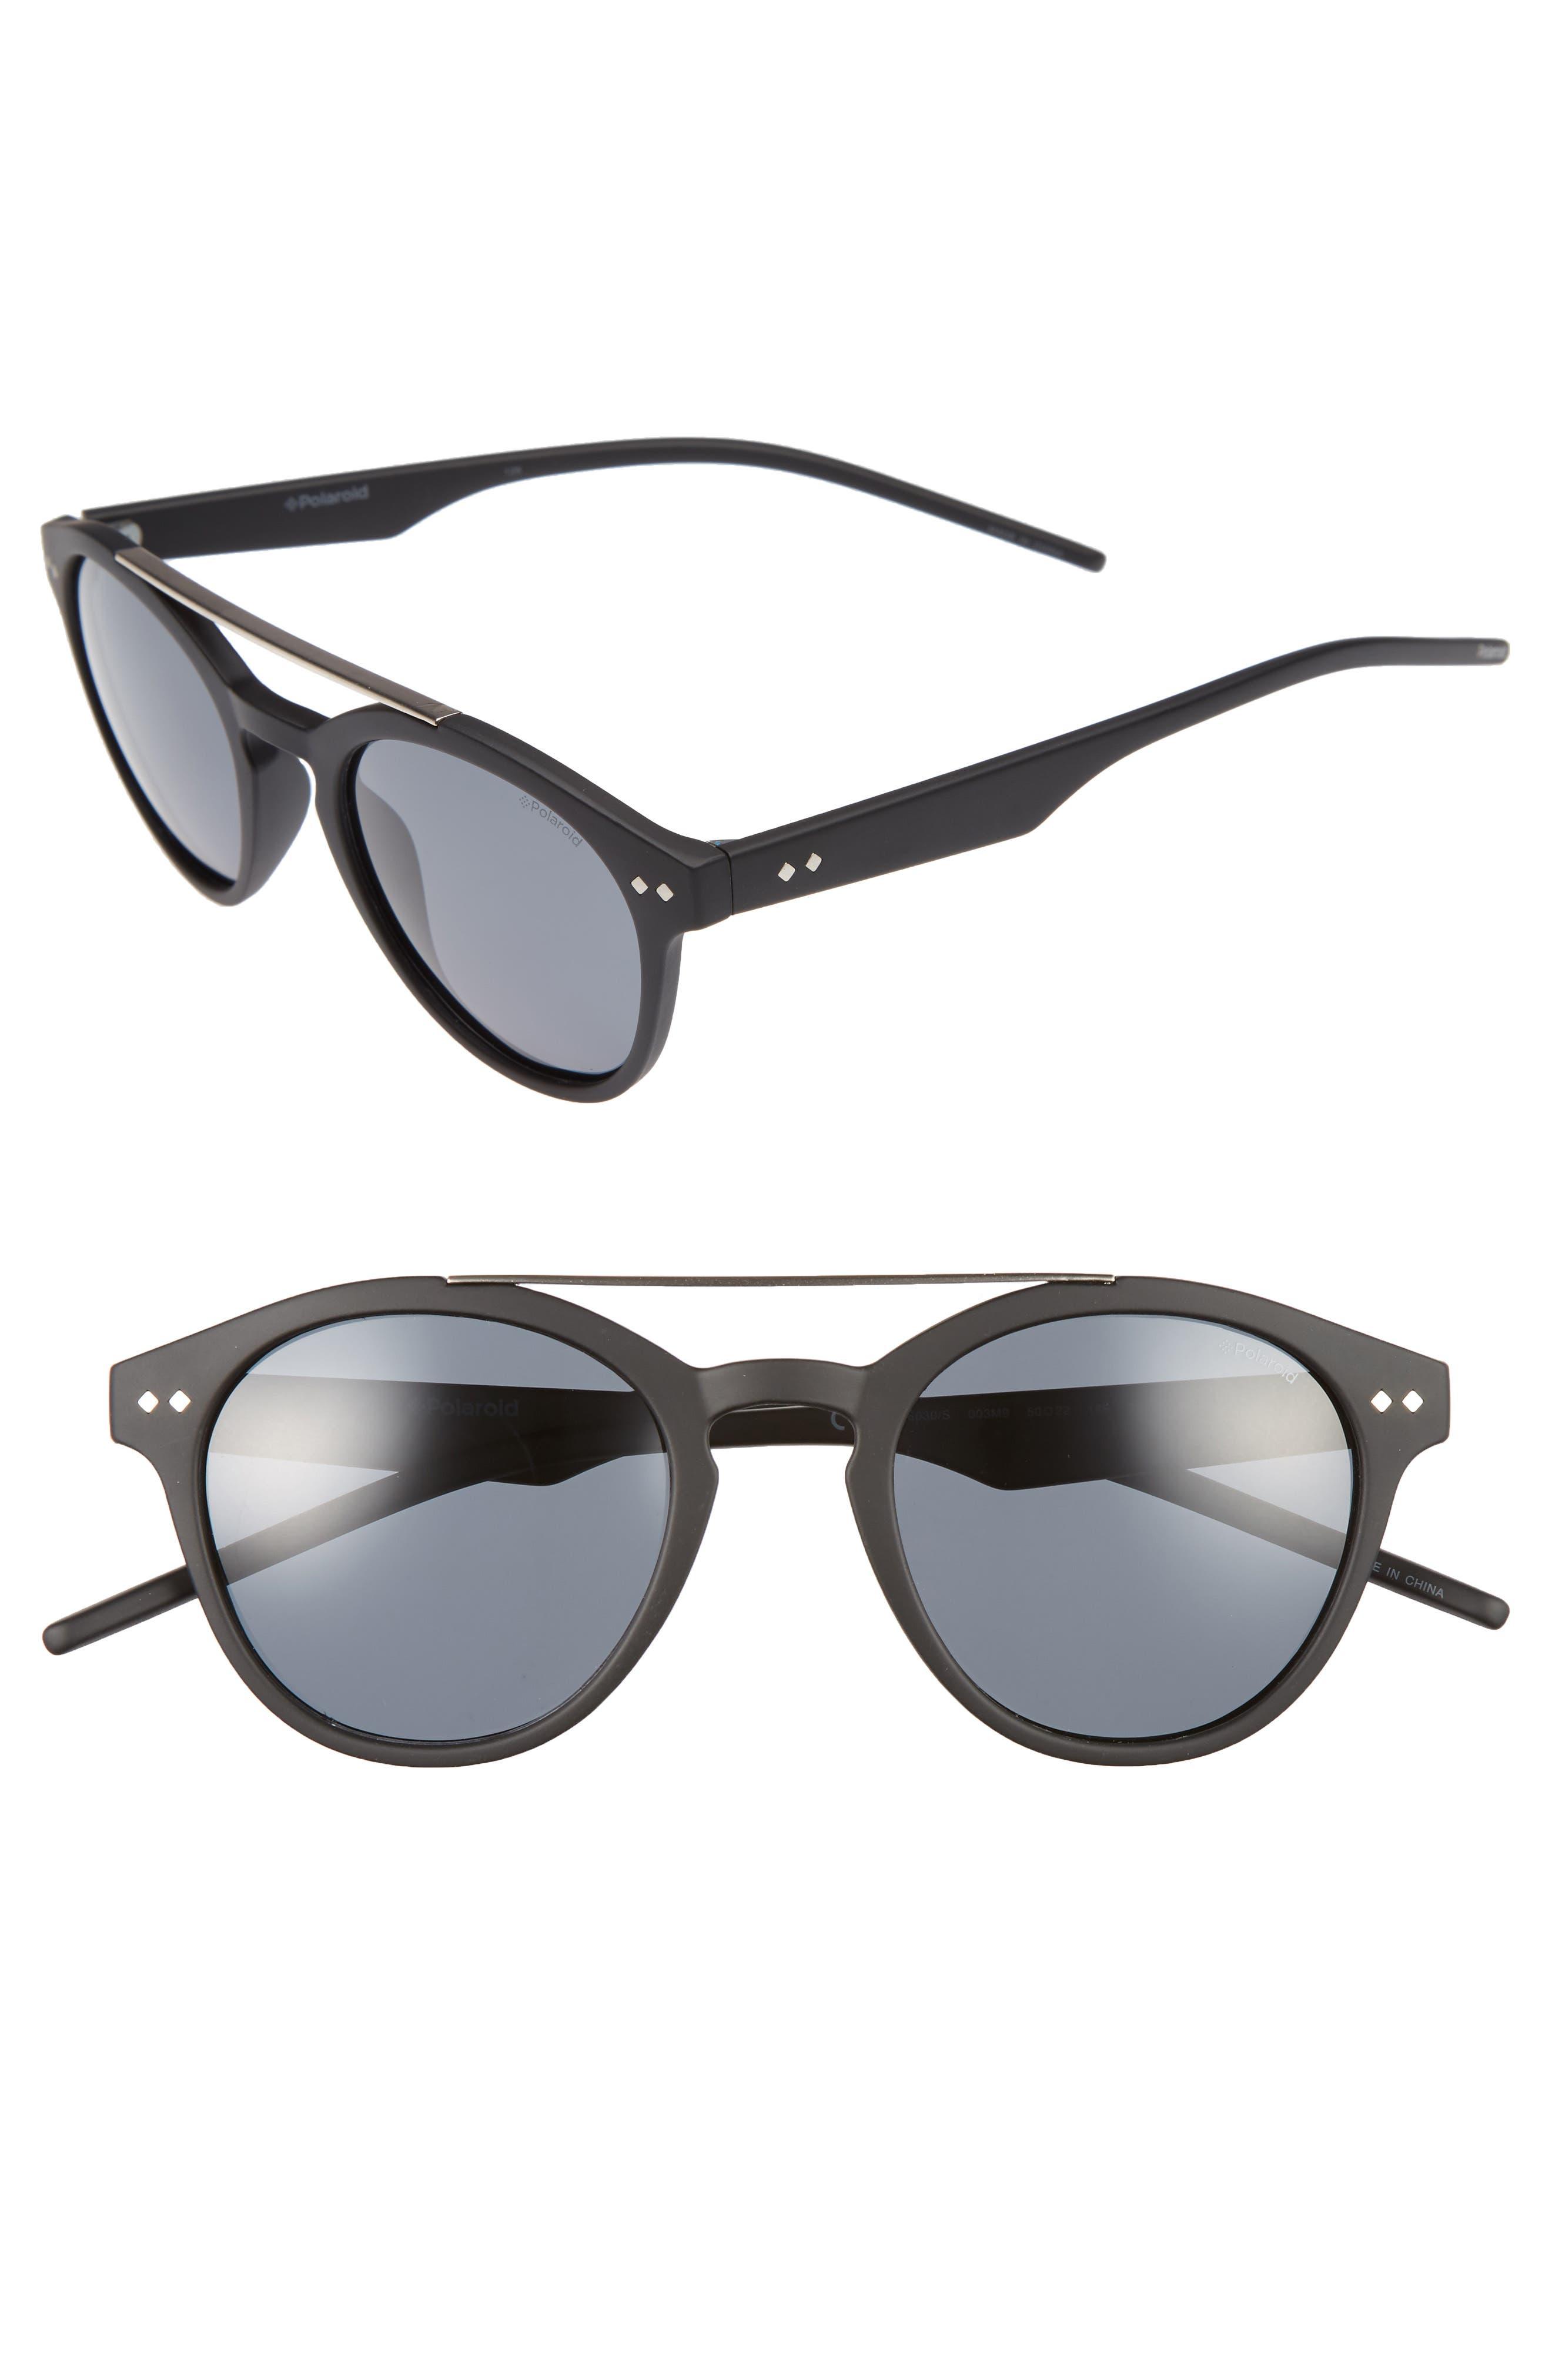 50mm Polarized Retro Sunglasses,                             Main thumbnail 1, color,                             Matte Black